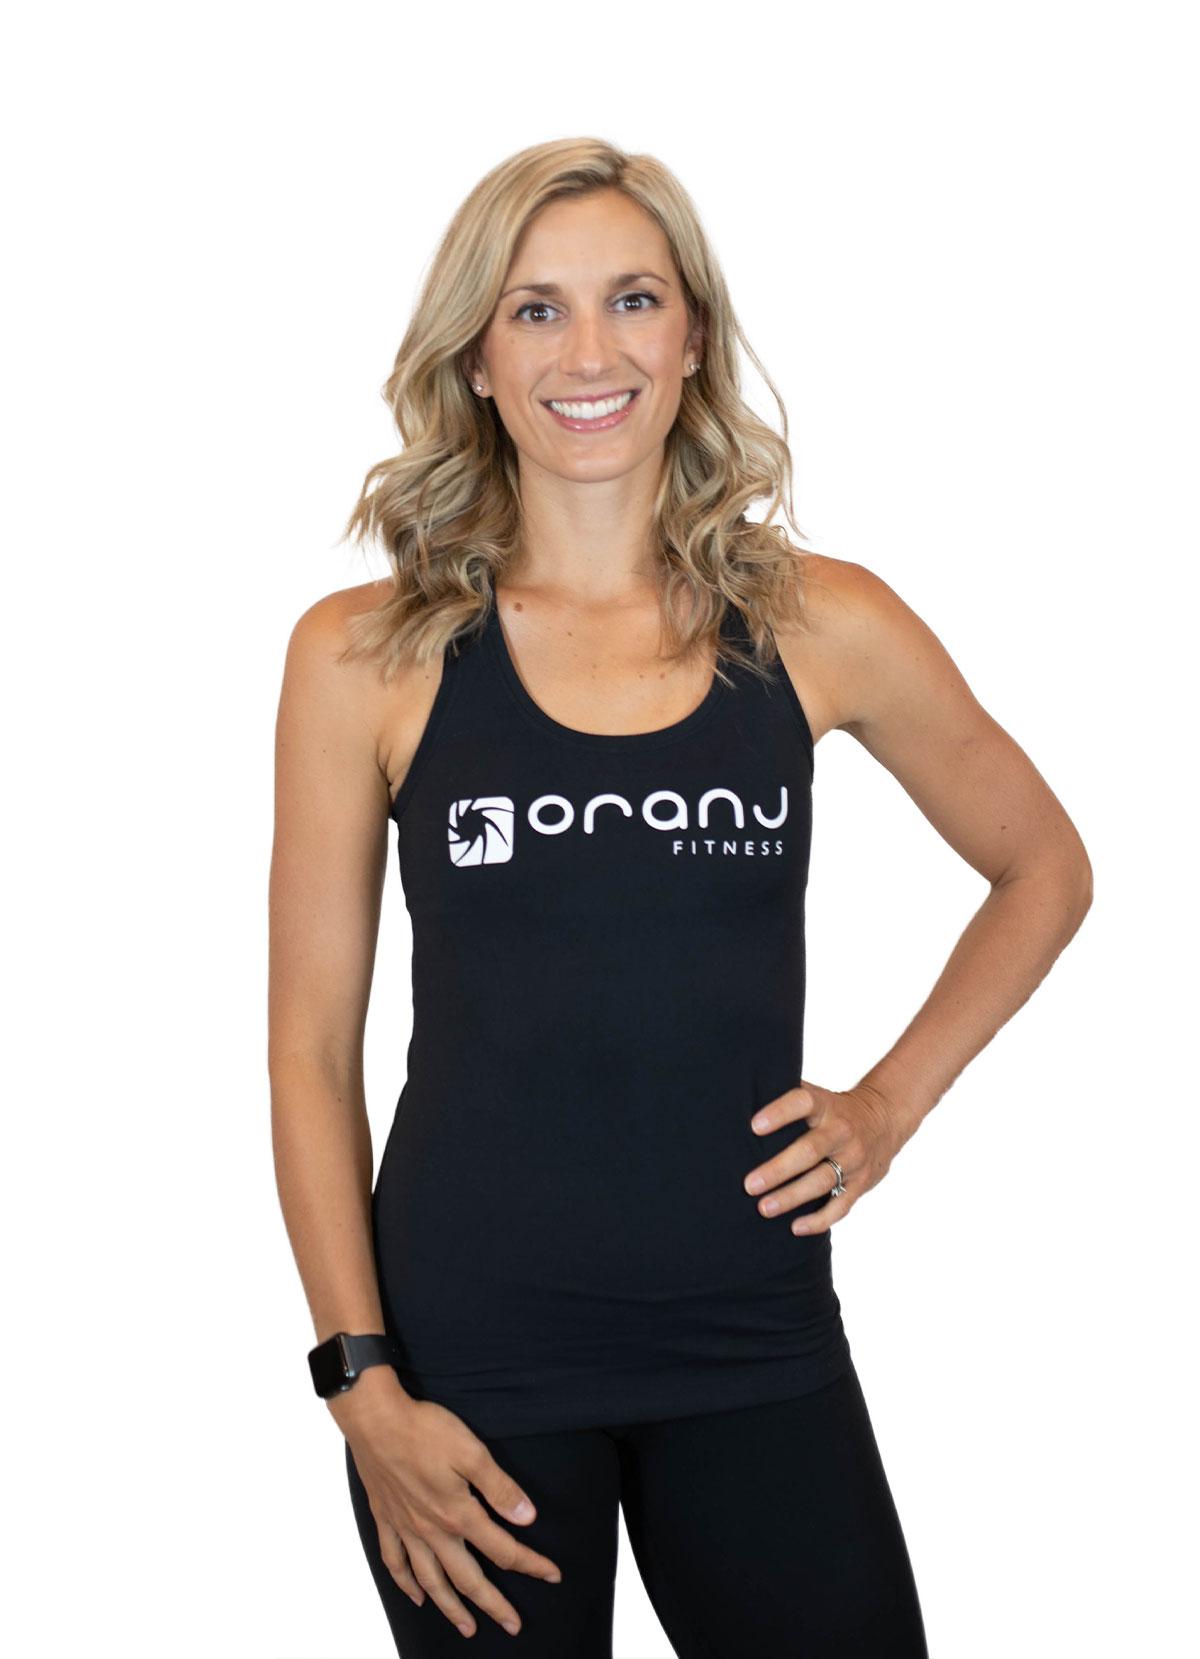 Jen Linton oranj fitness